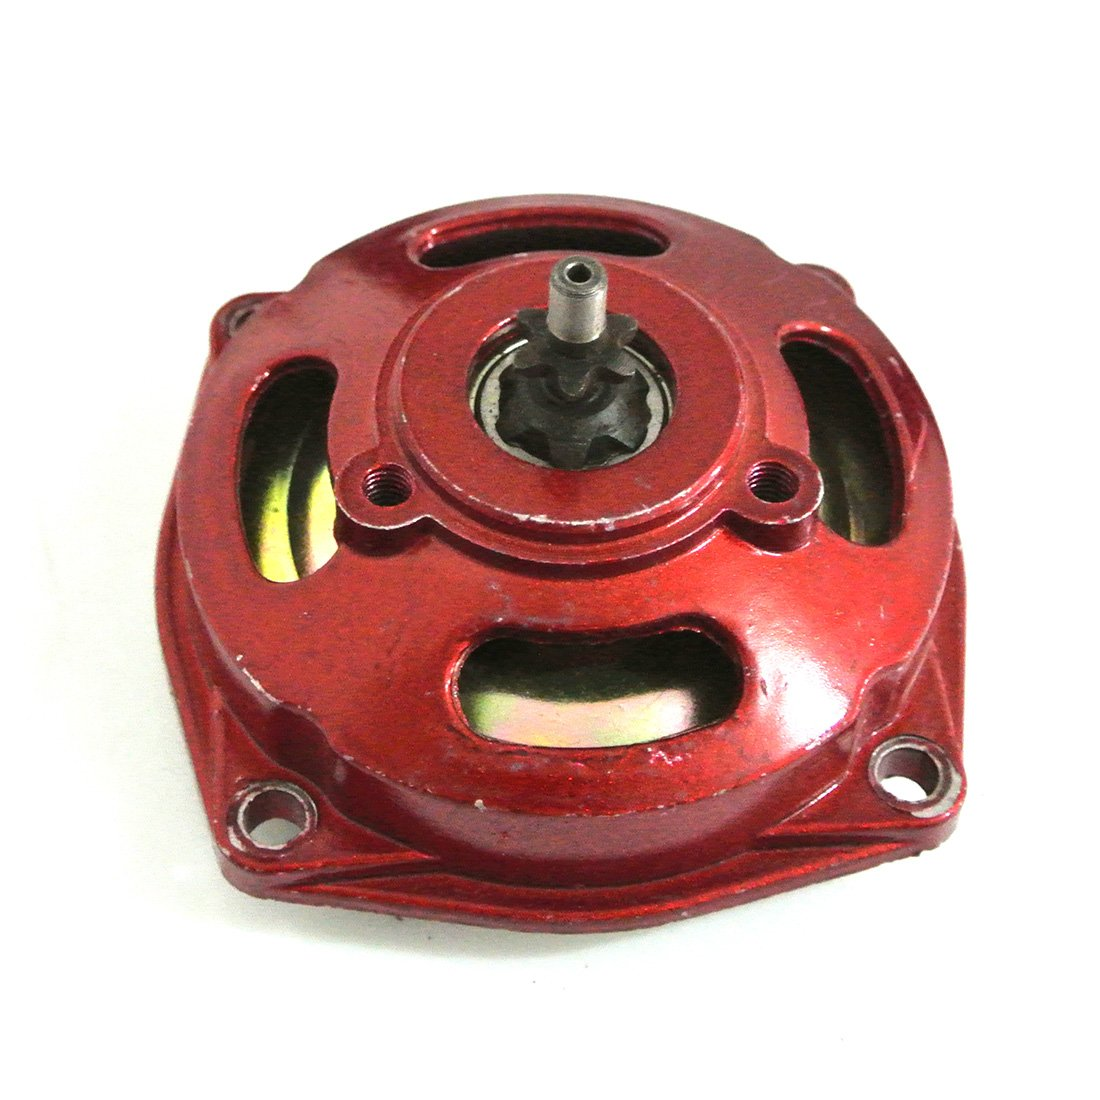 Sthus 6T Gear Box Clutch Drum 25H Fits 47 49cc Pocket Mini Bike GoKart ATV Quad Red JL JIANGLI LEGEND